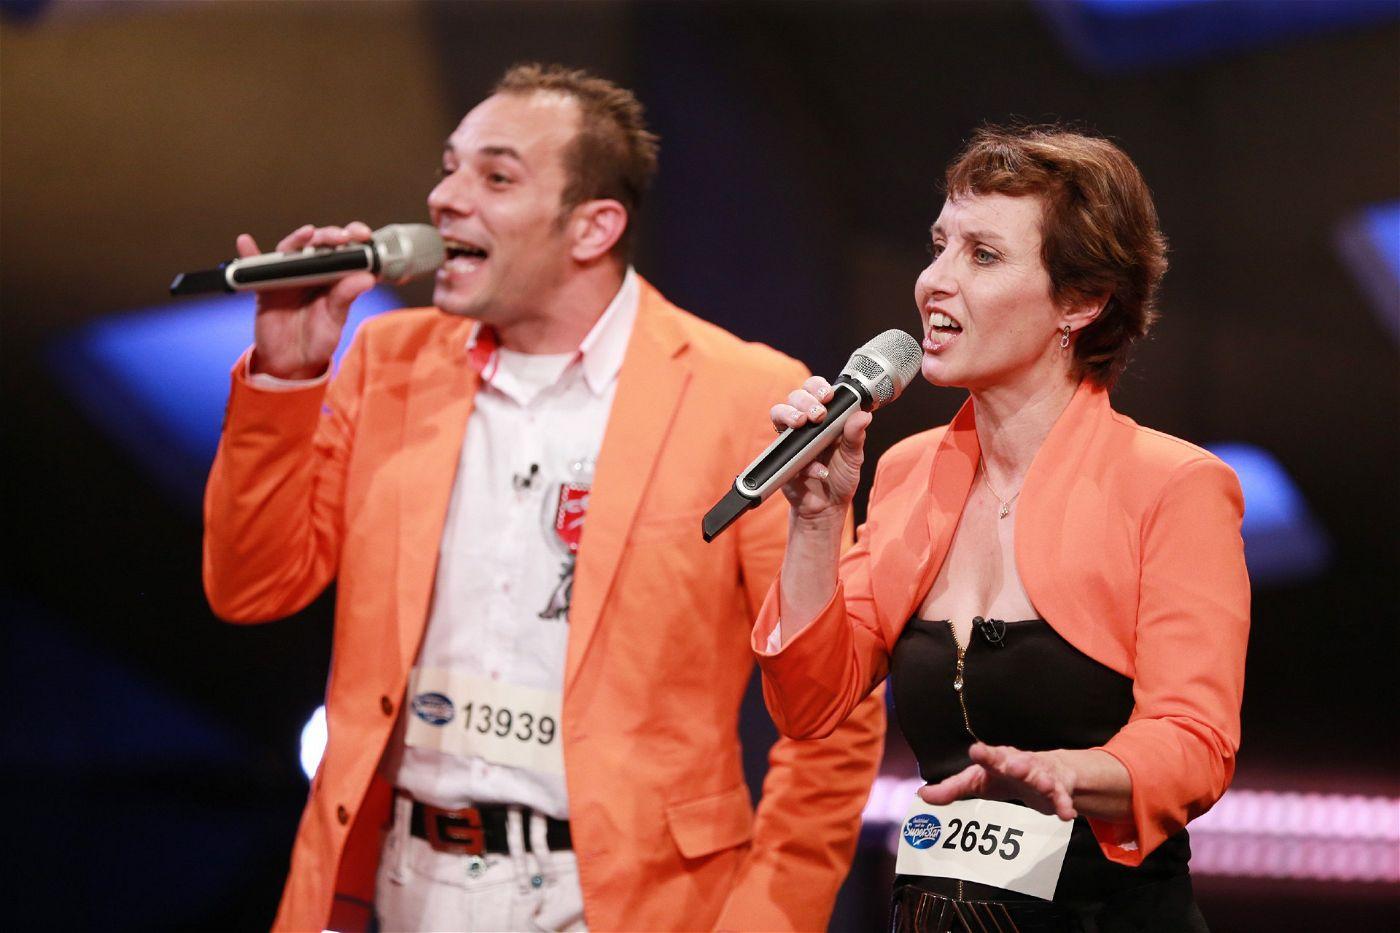 """Eveline Güller und Christian Fundinger haben speziell für """"Deutschland sucht den Superstar"""" einen eigenen Song geschrieben."""